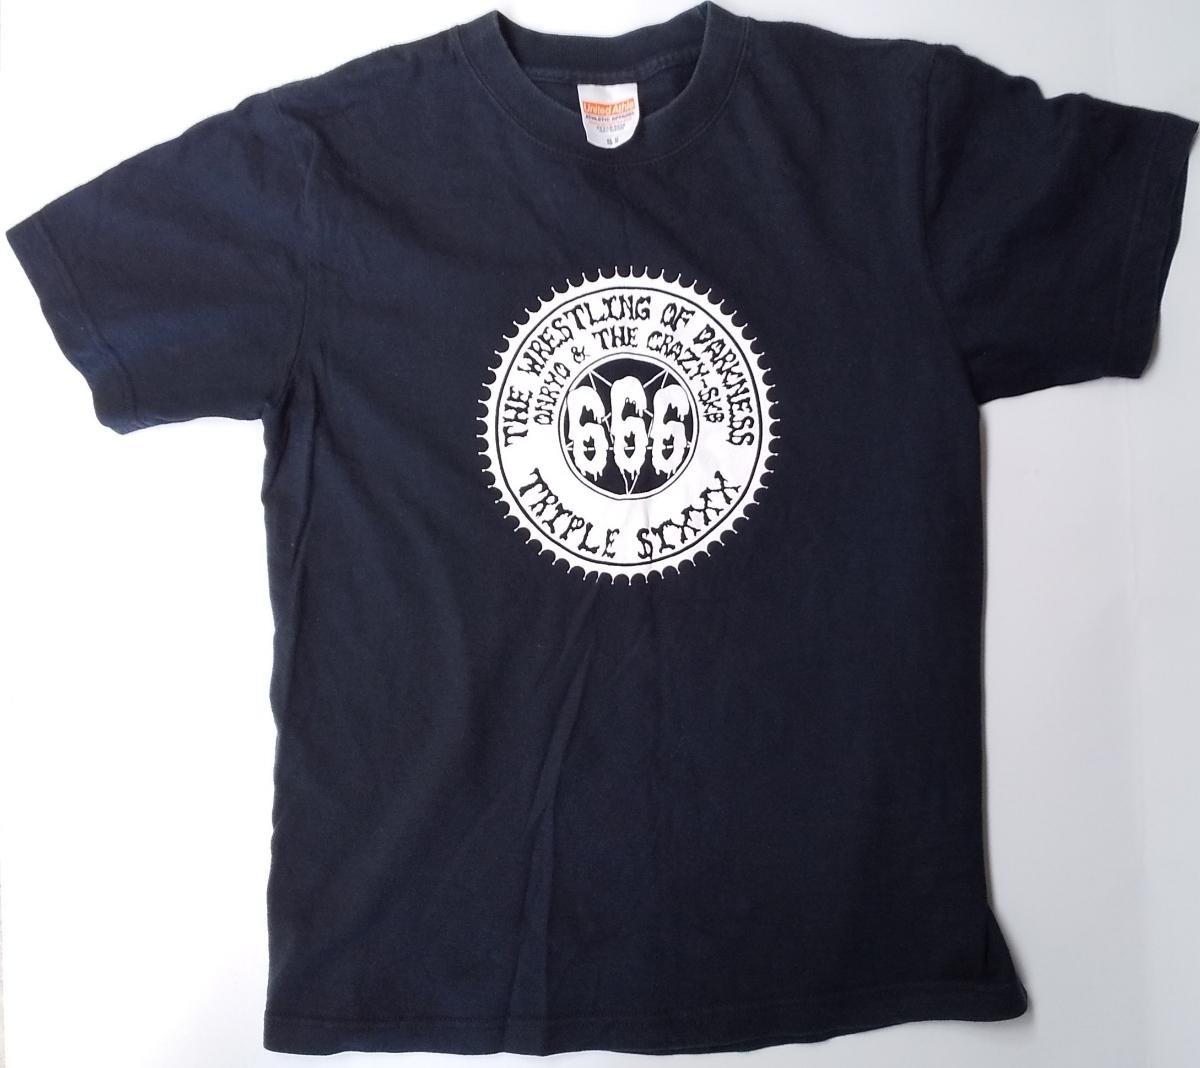 暗黒プロレス組織666 T-shirt S 怨霊 CRAZY SKB _画像1